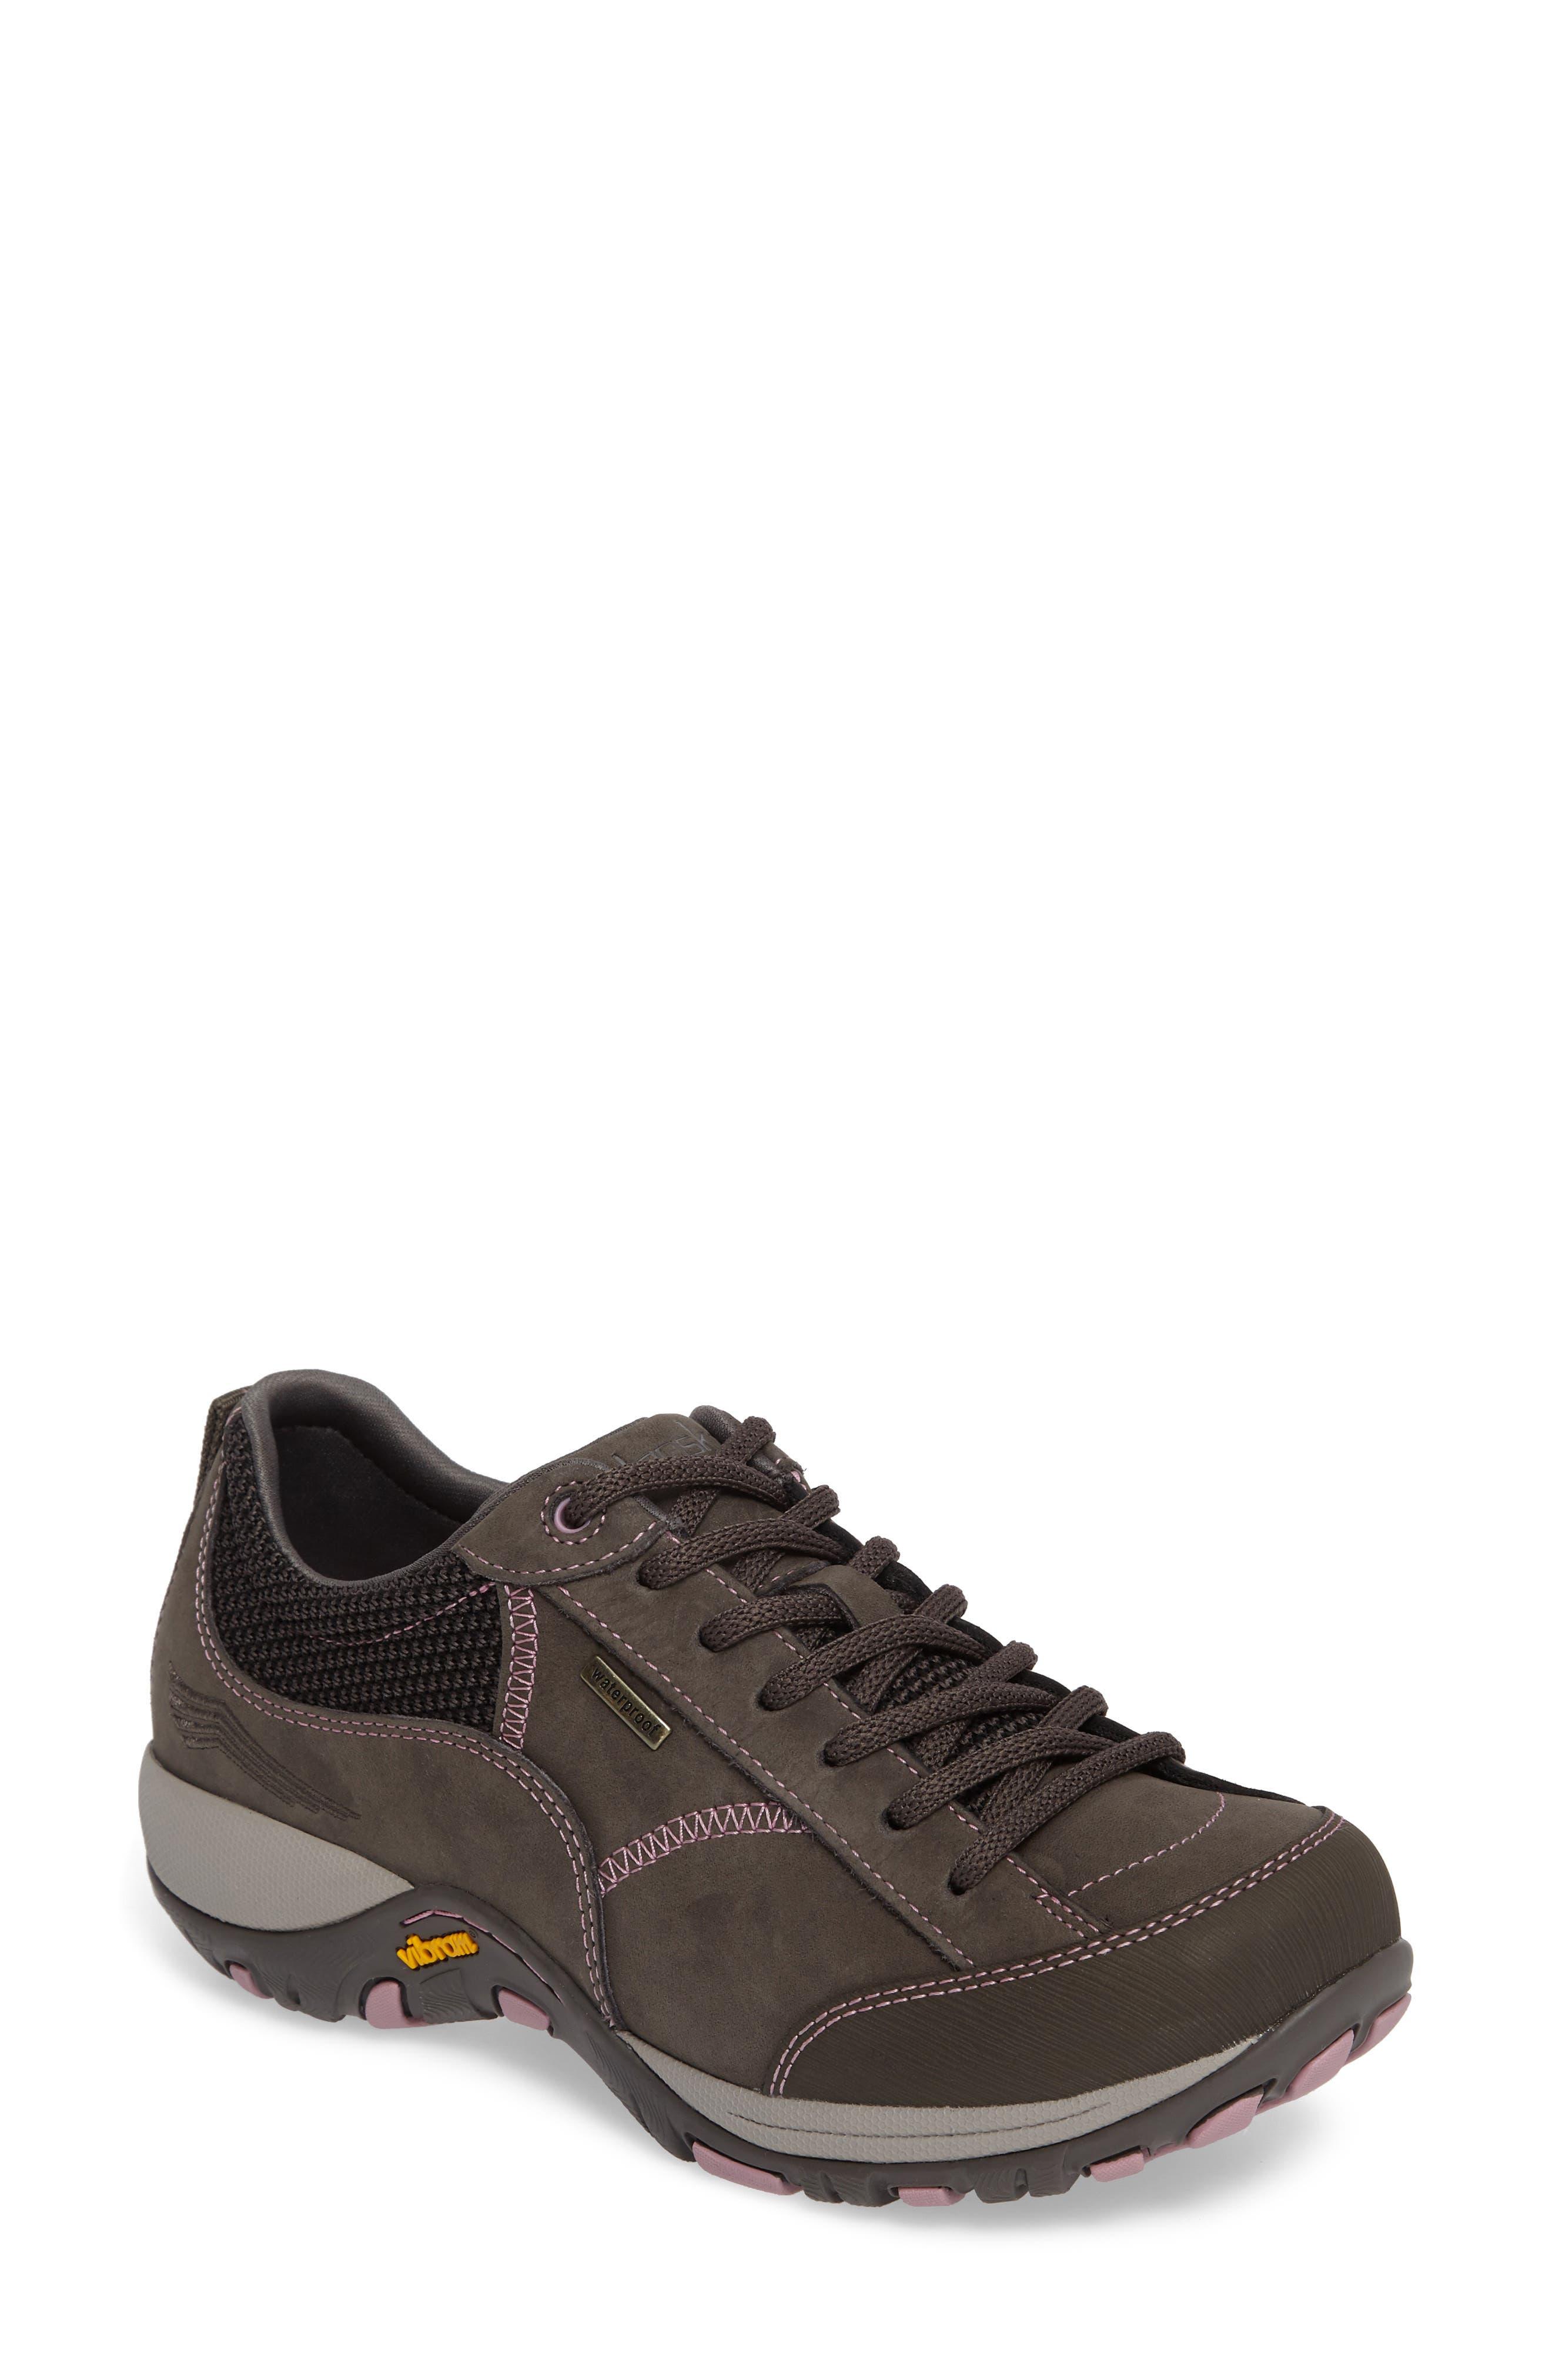 DANSKO 'Paisley' Waterproof Sneaker